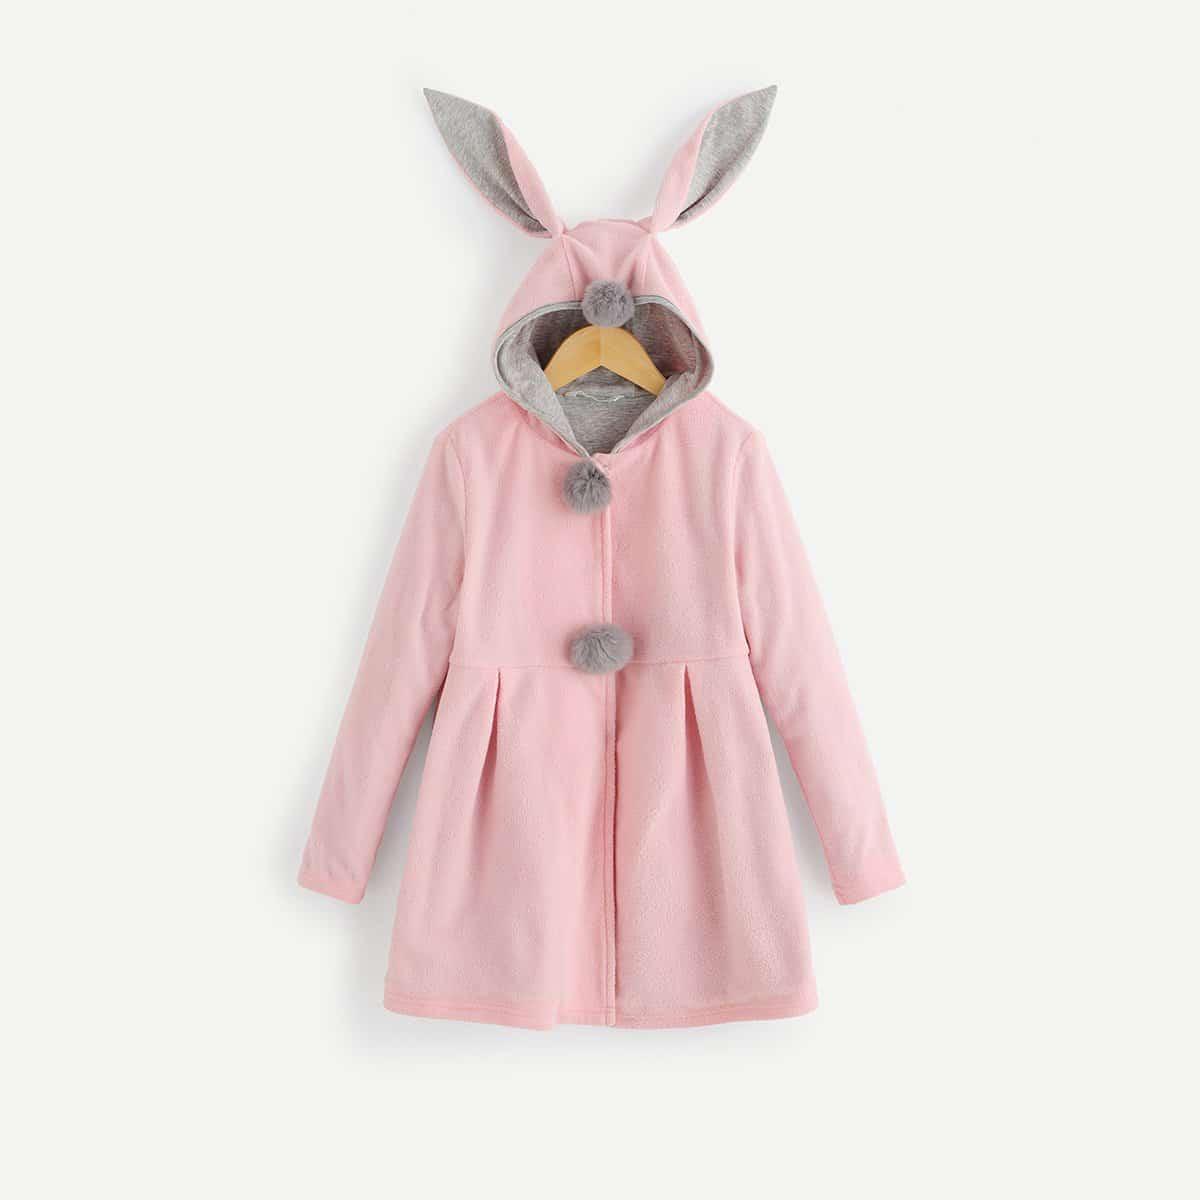 Плюшевое пальто с капюшоном и помпоном в форме ушей кролика 3D для девочек от SHEIN